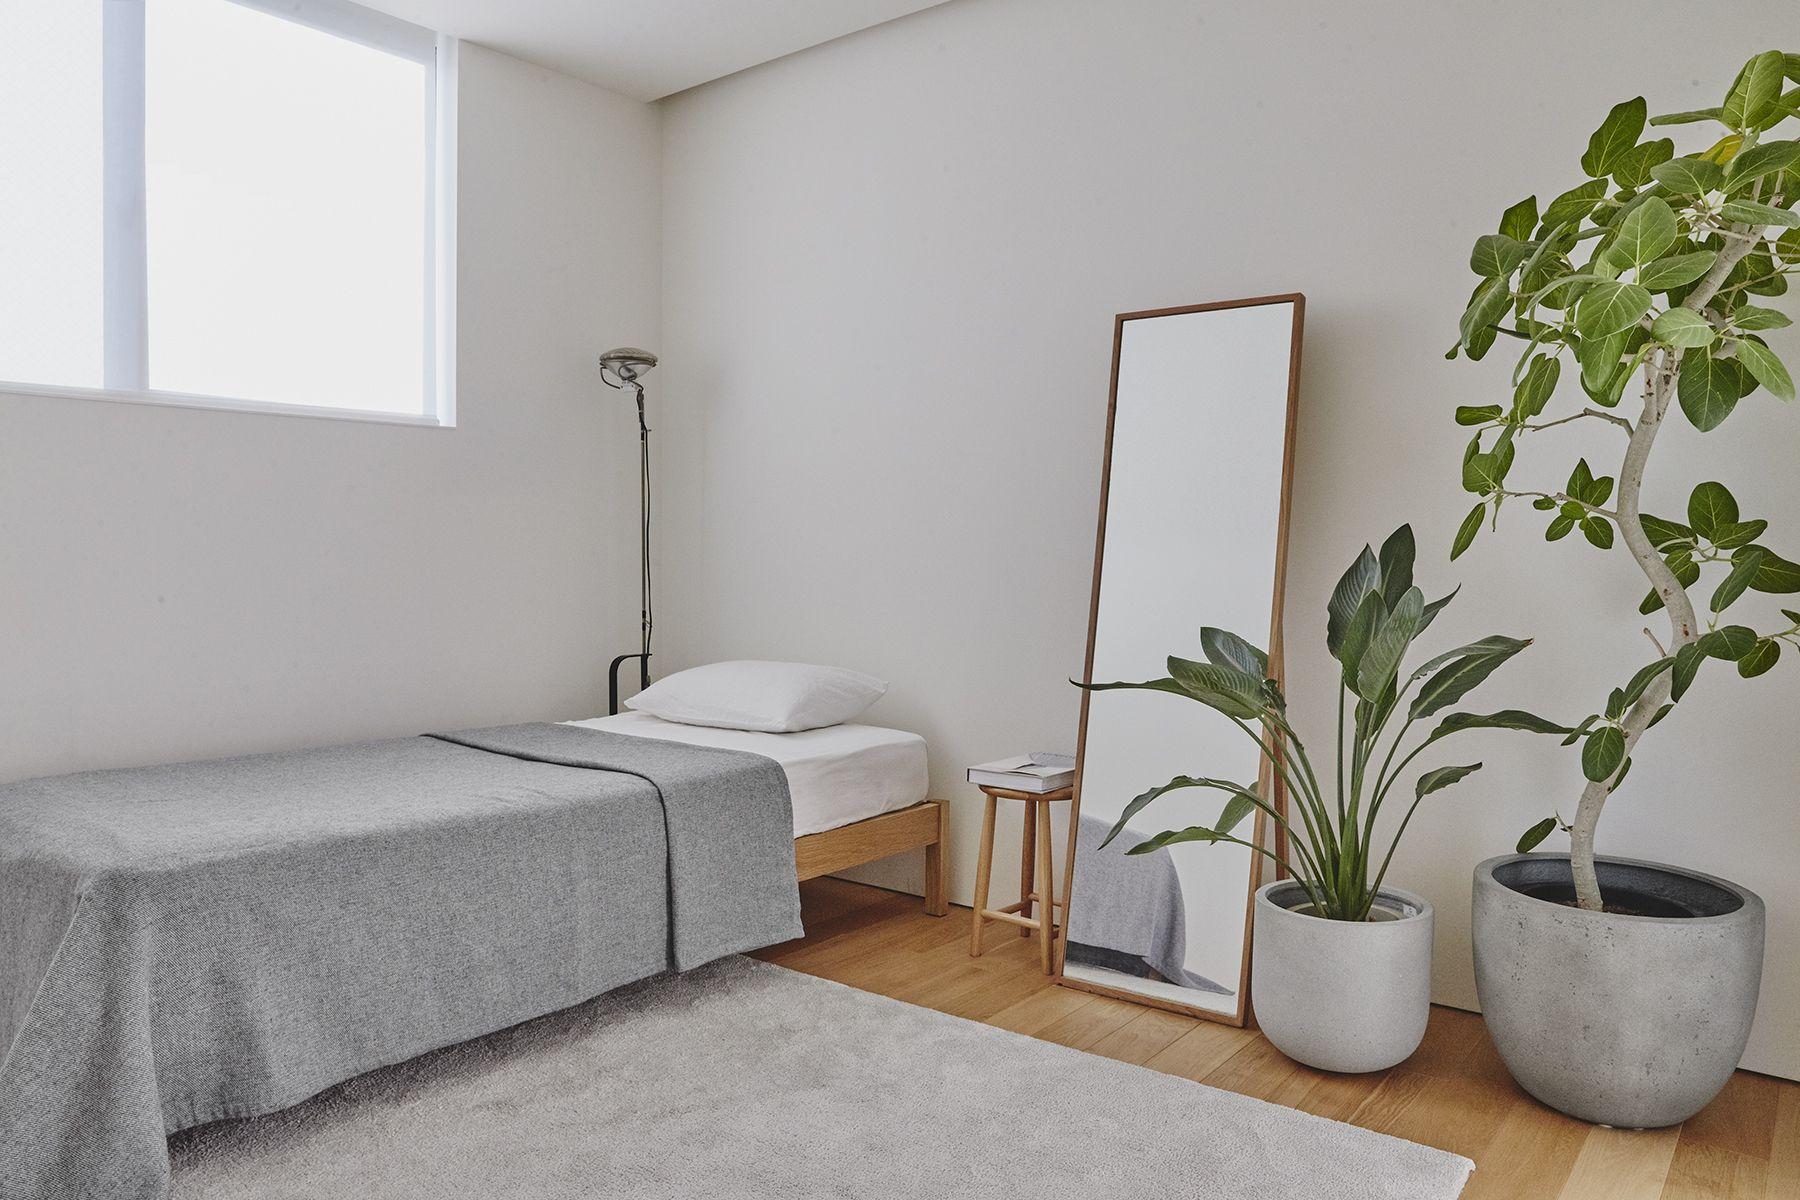 桜新町の家/個人宅 (サクラシンマチノイエ)3F ベッドルーム(窓の方角は南西)